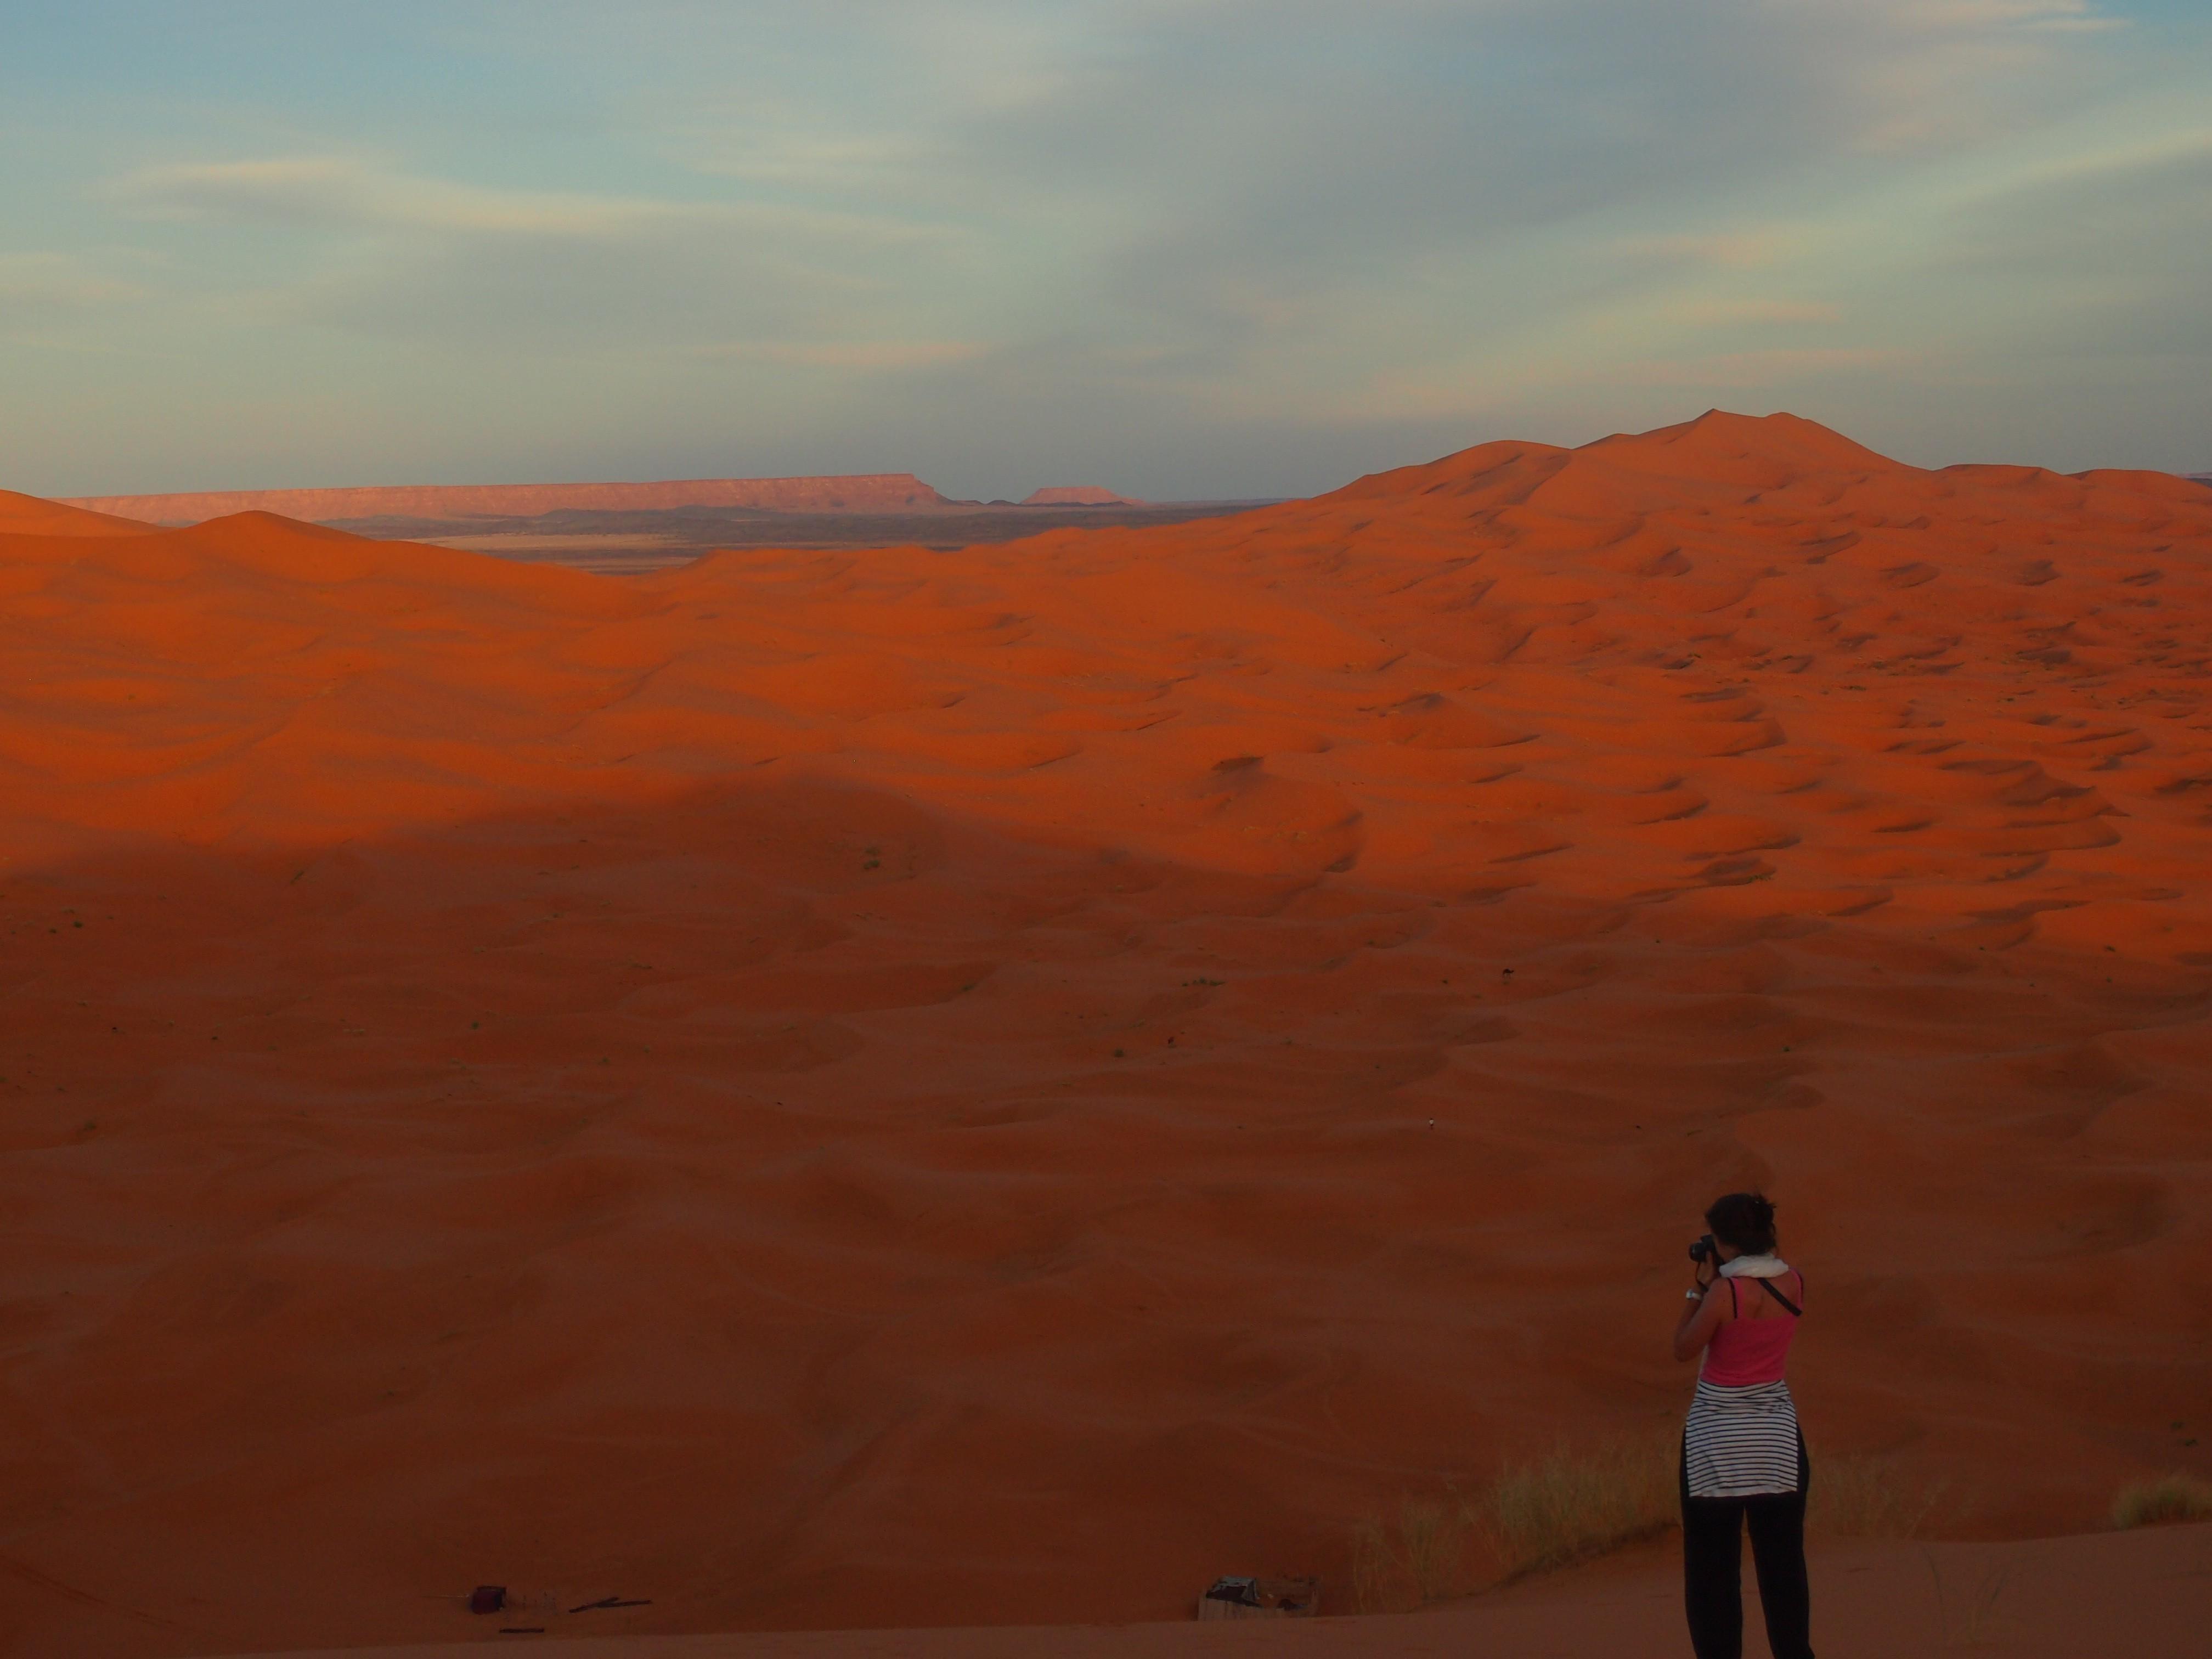 Berta Torres. Desert. L'Escola del Món